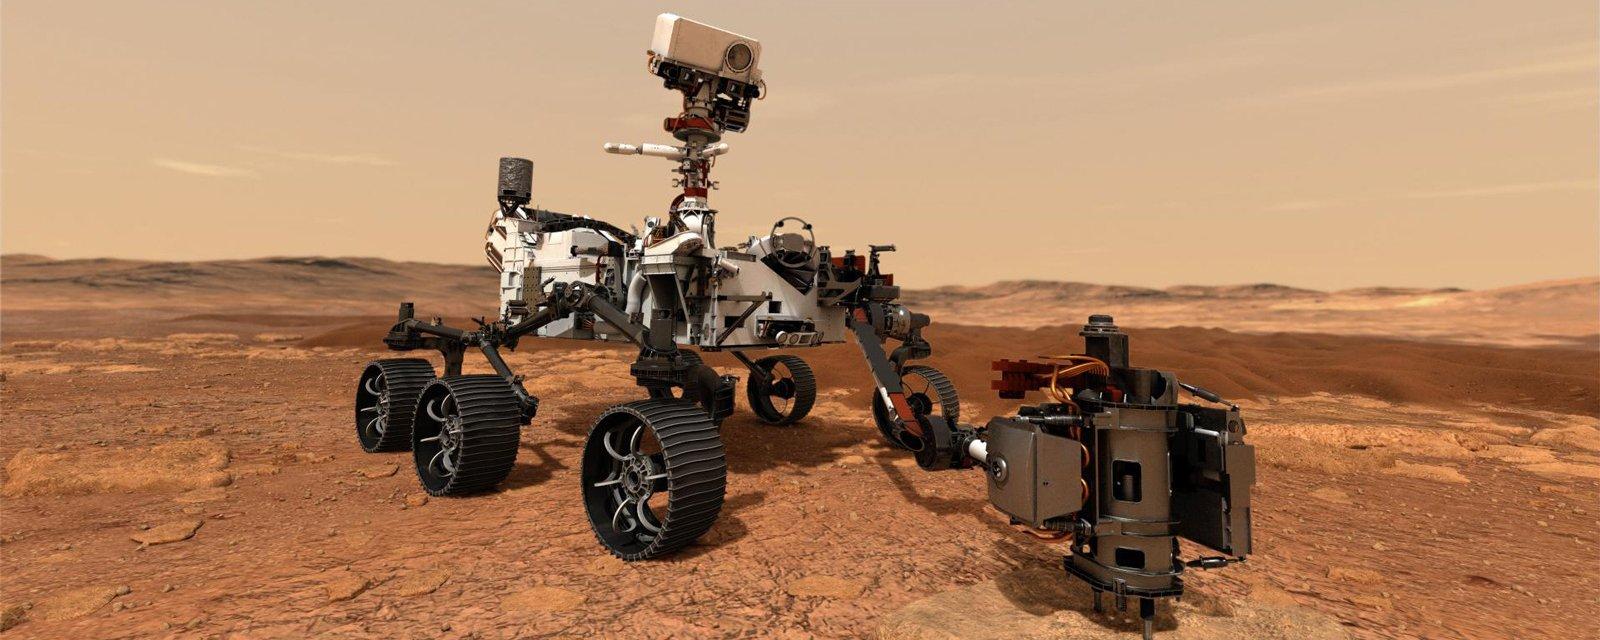 Perseverance é lançada com sucesso pela NASA rumo a Marte!